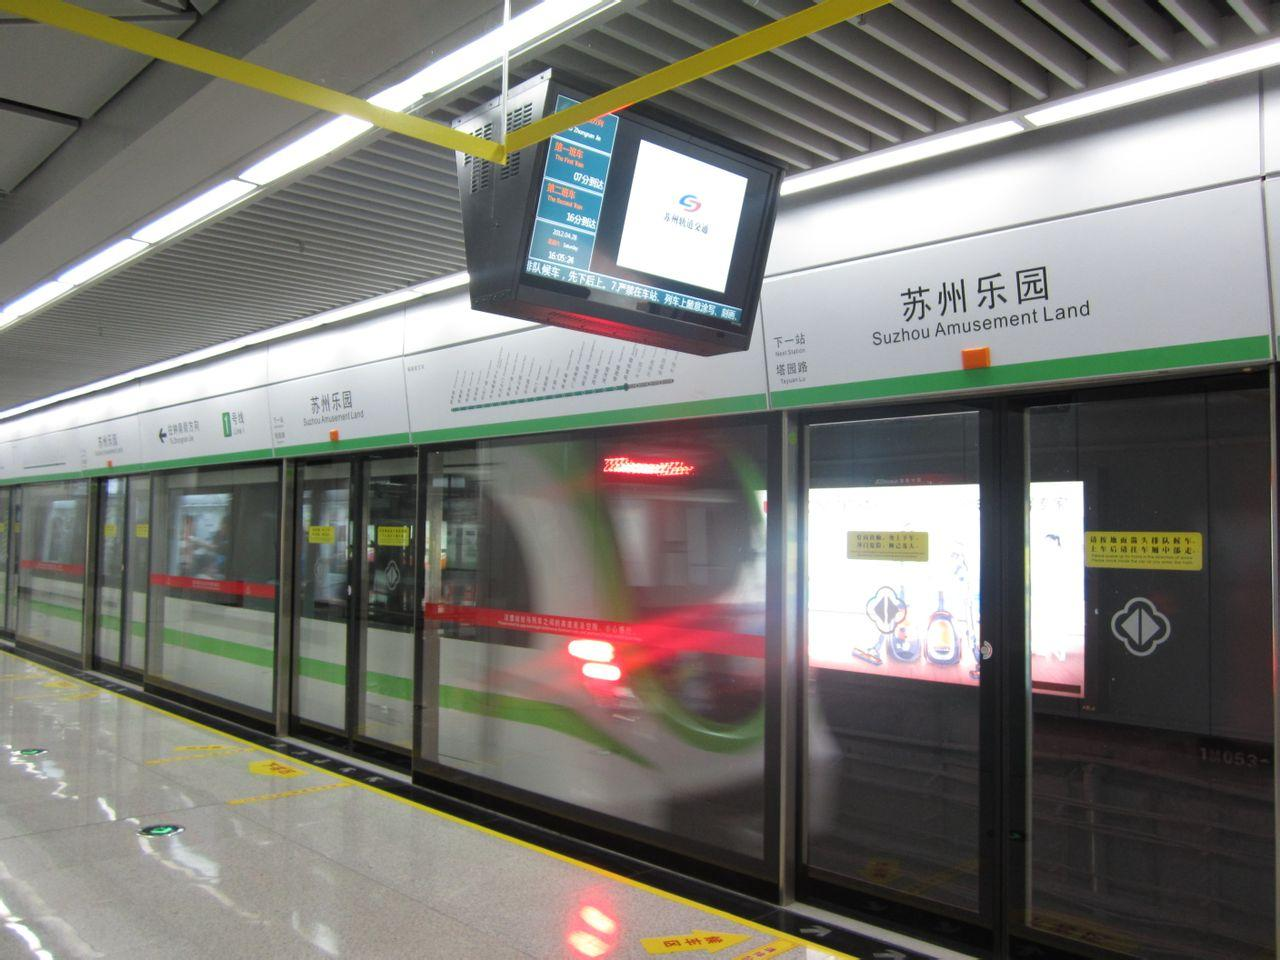 苏州地铁1号线站台图片